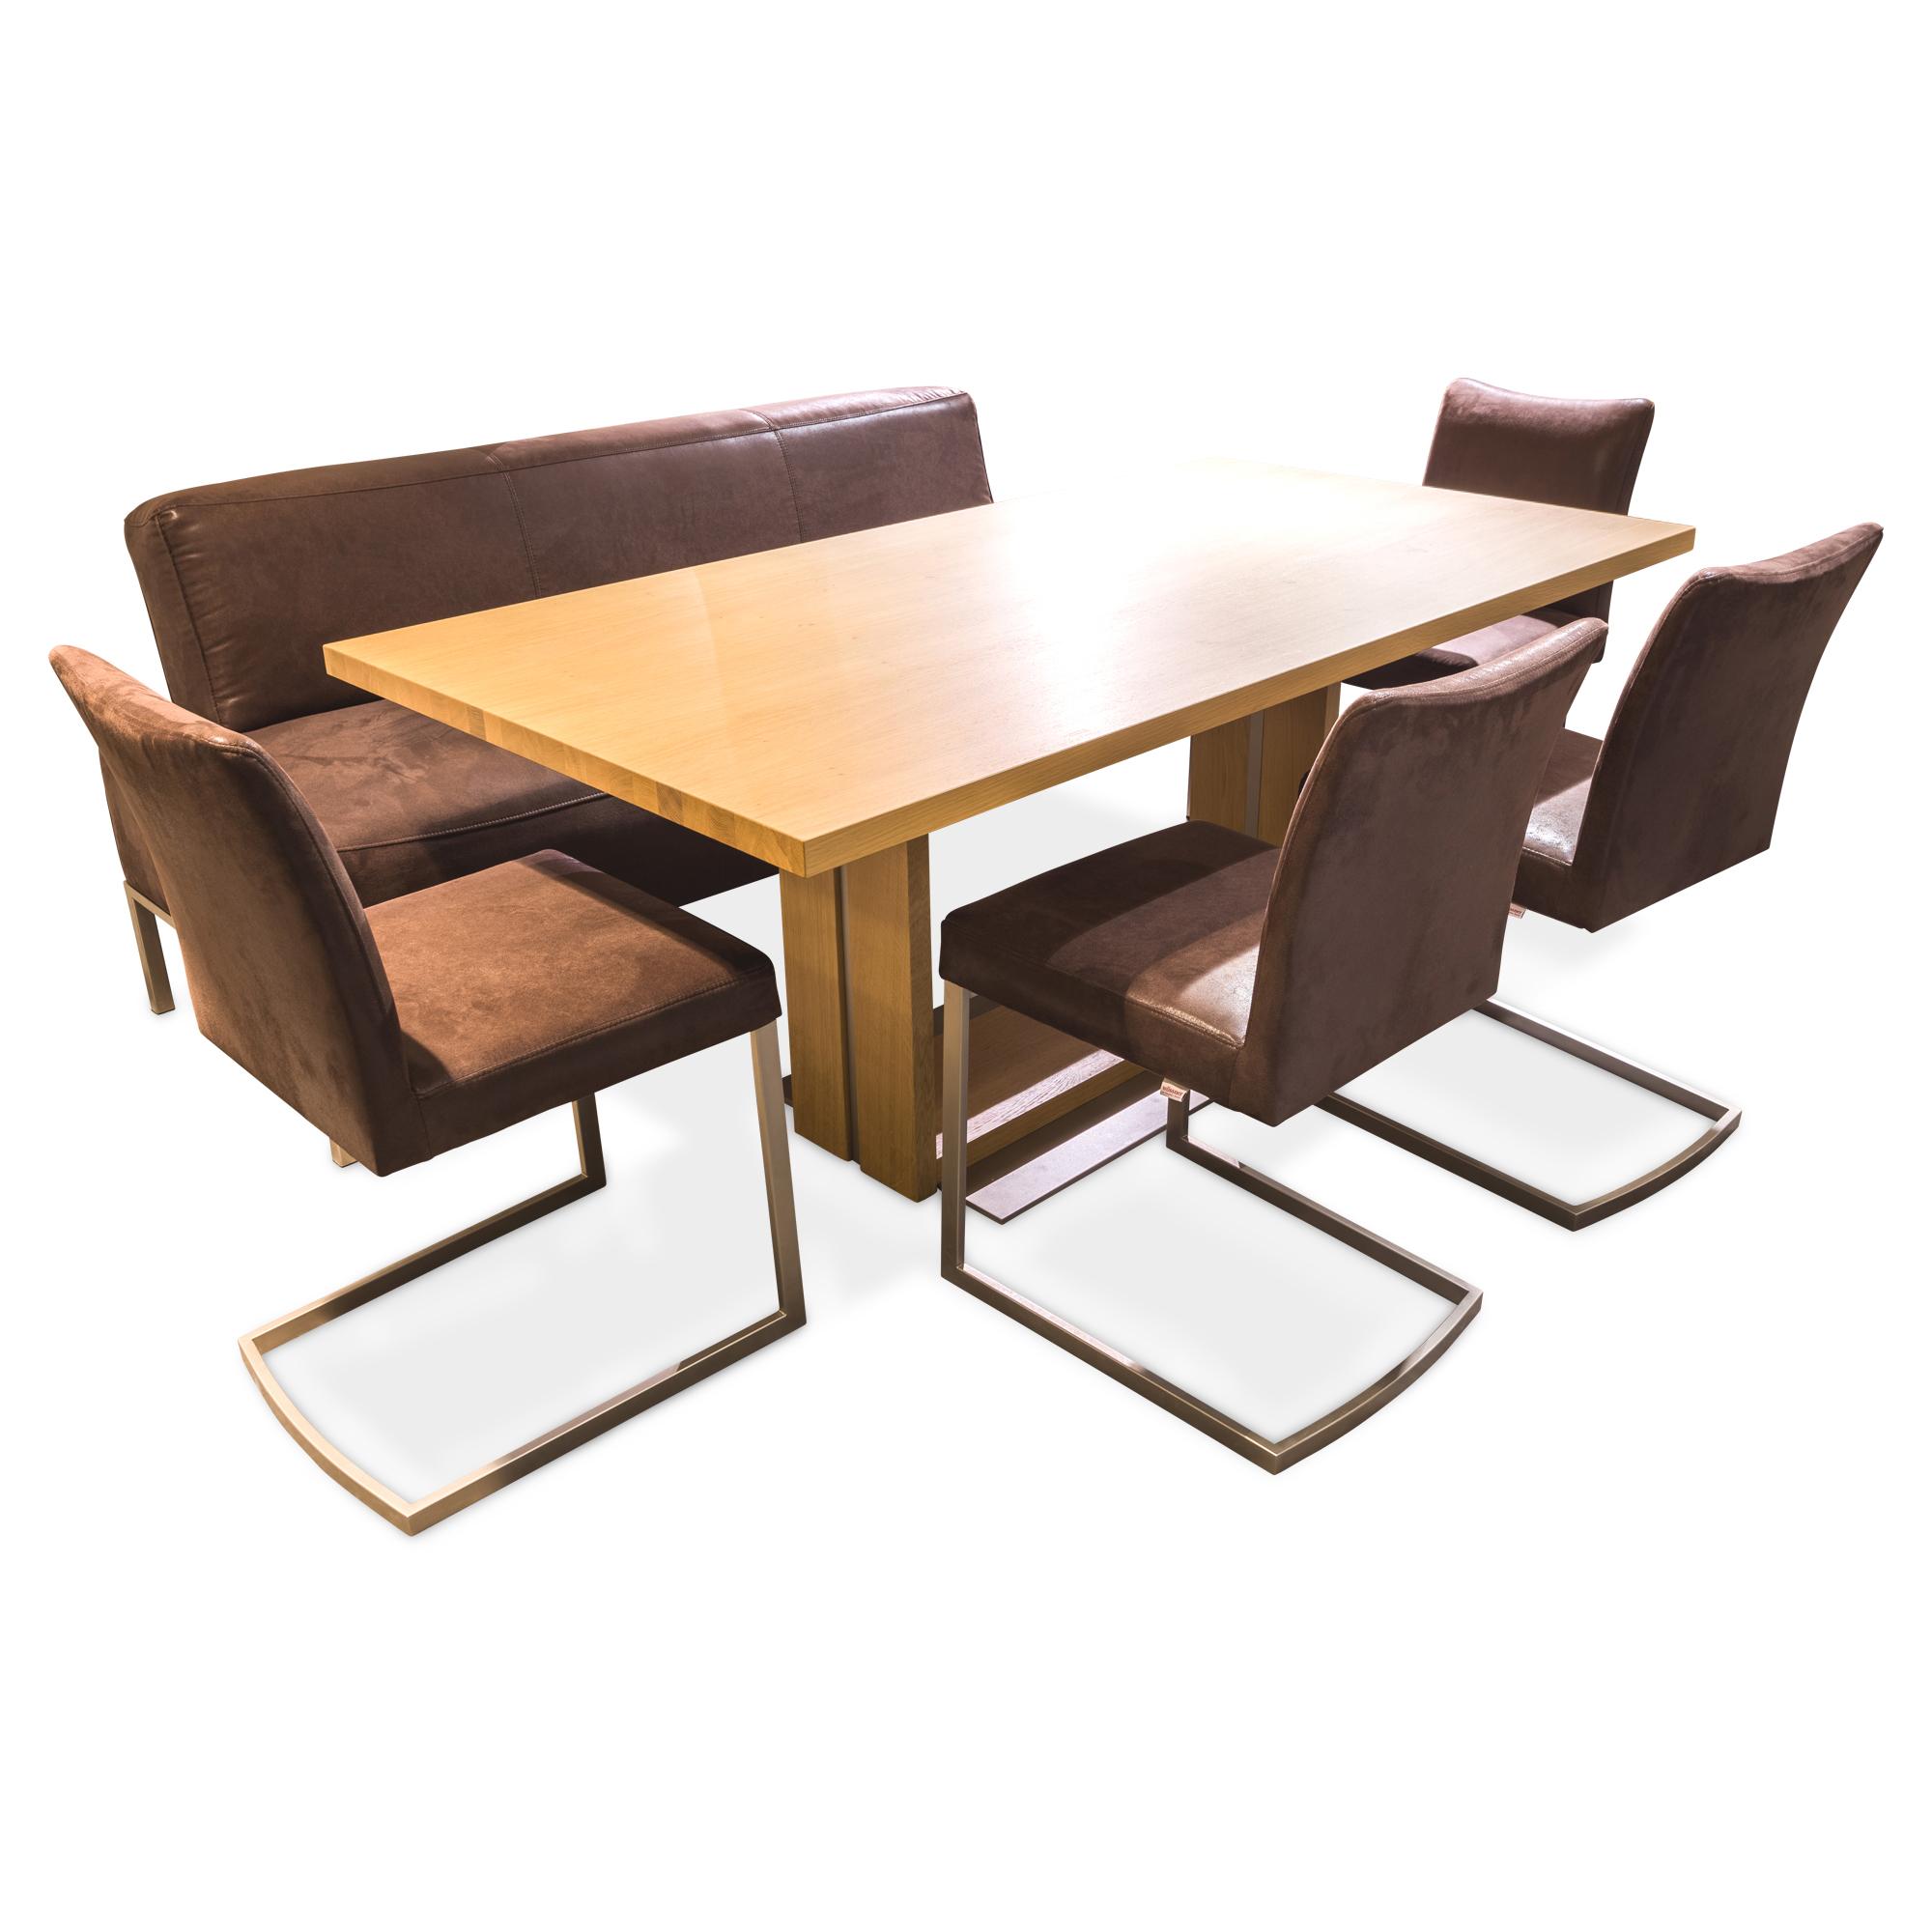 essgruppe madras 6 teilig w ssner st hle g nstig kaufen m belfirst. Black Bedroom Furniture Sets. Home Design Ideas